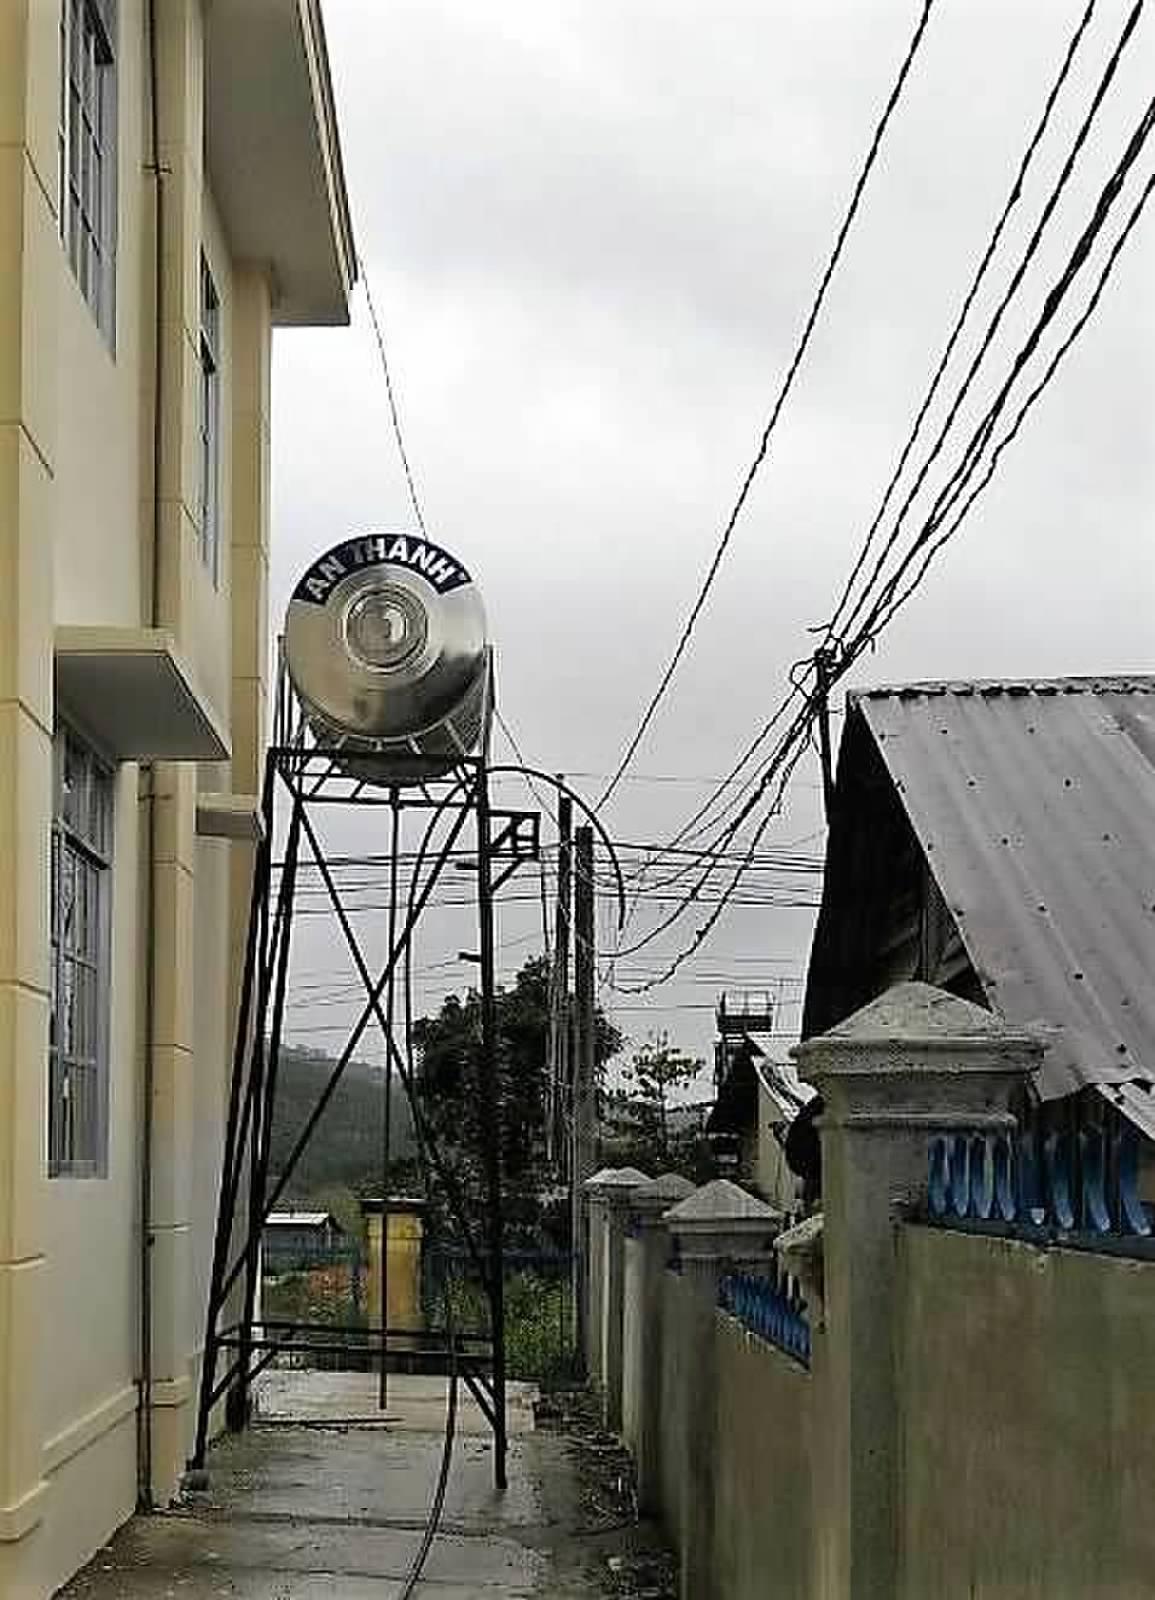 2018.11.02-KT-Giếng-Nước-Học-Đường-06